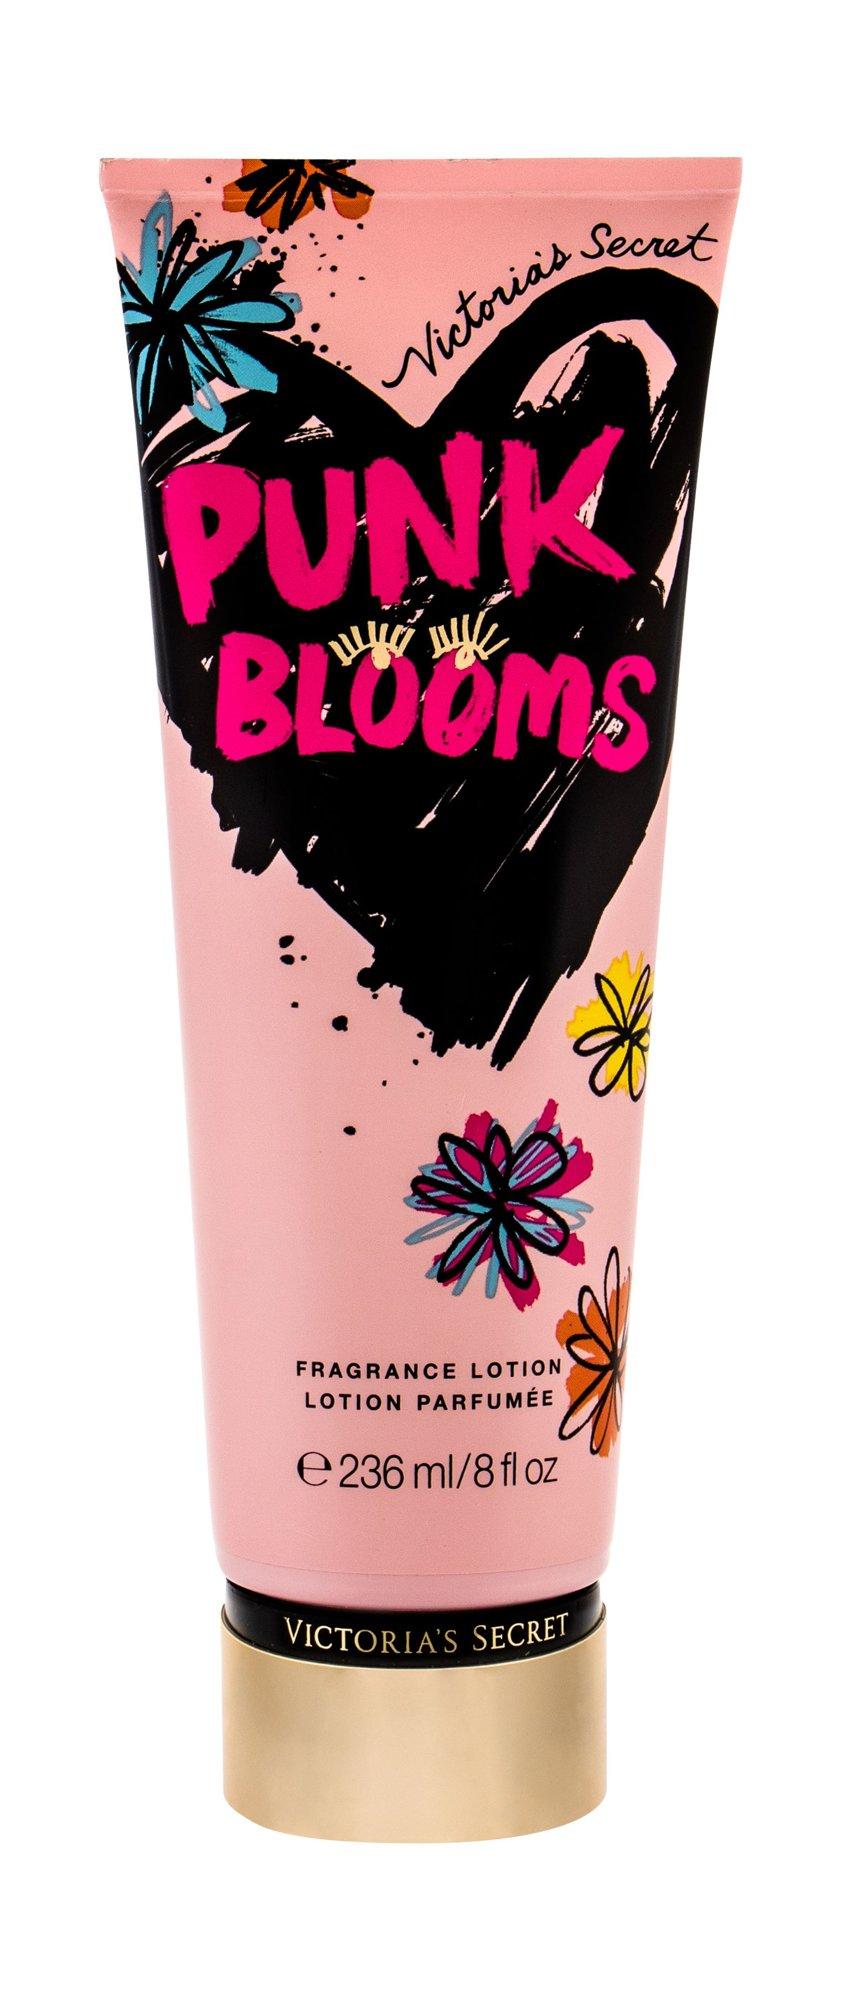 Victoria´s Secret Punk Blooms Body Lotion 236ml